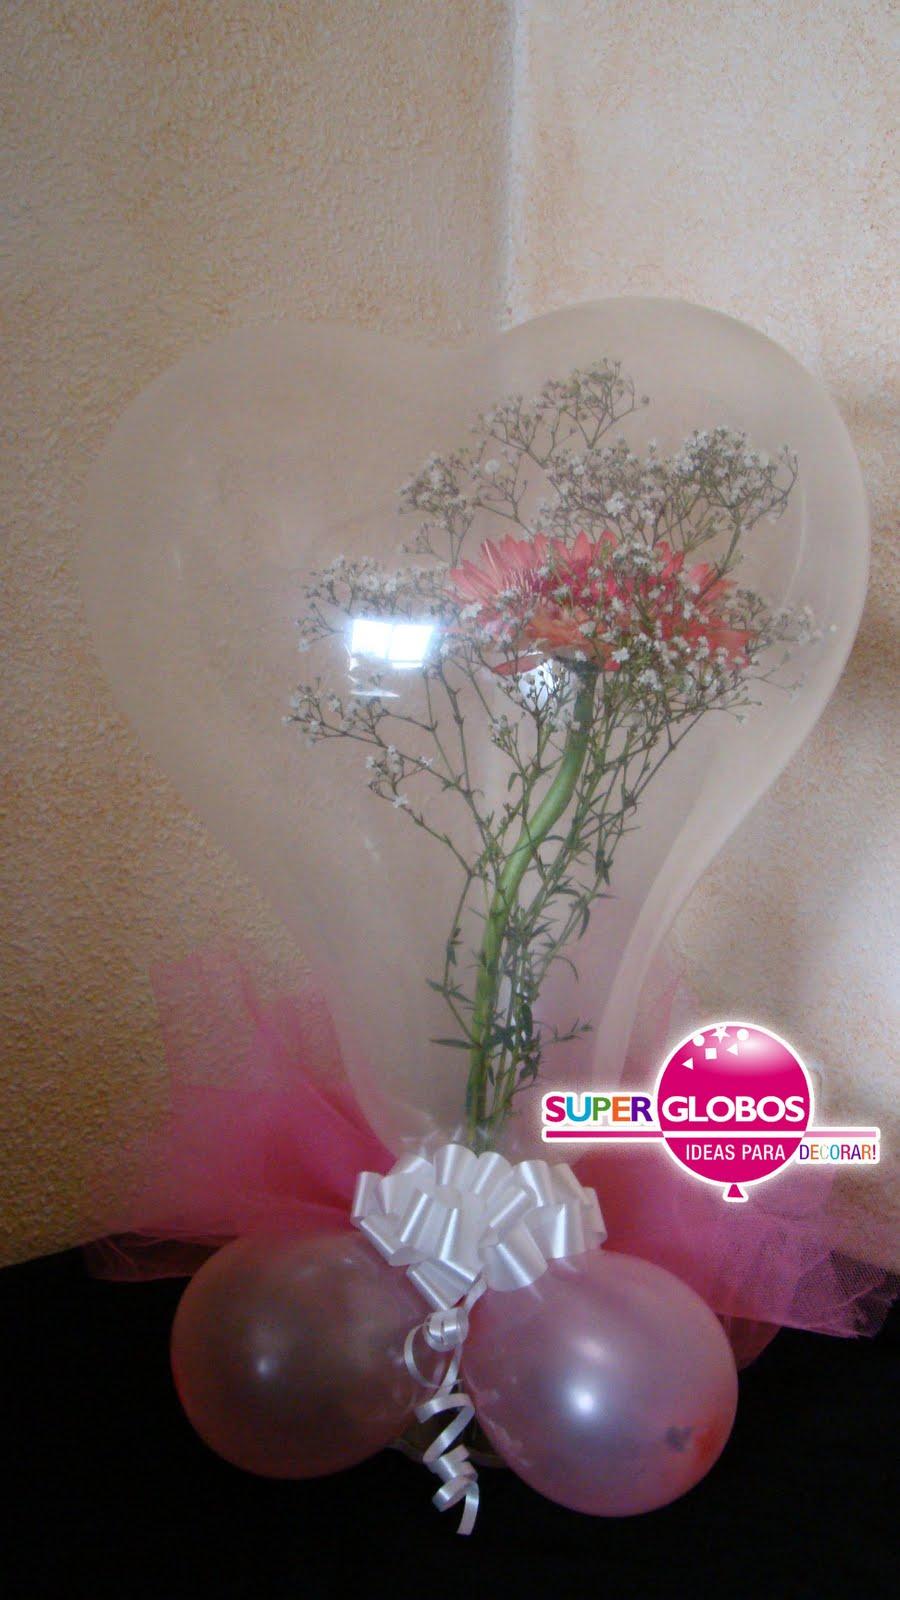 Regalos para el d a de la madre decoraci n con globos for Decoracion para pared dia de la madre